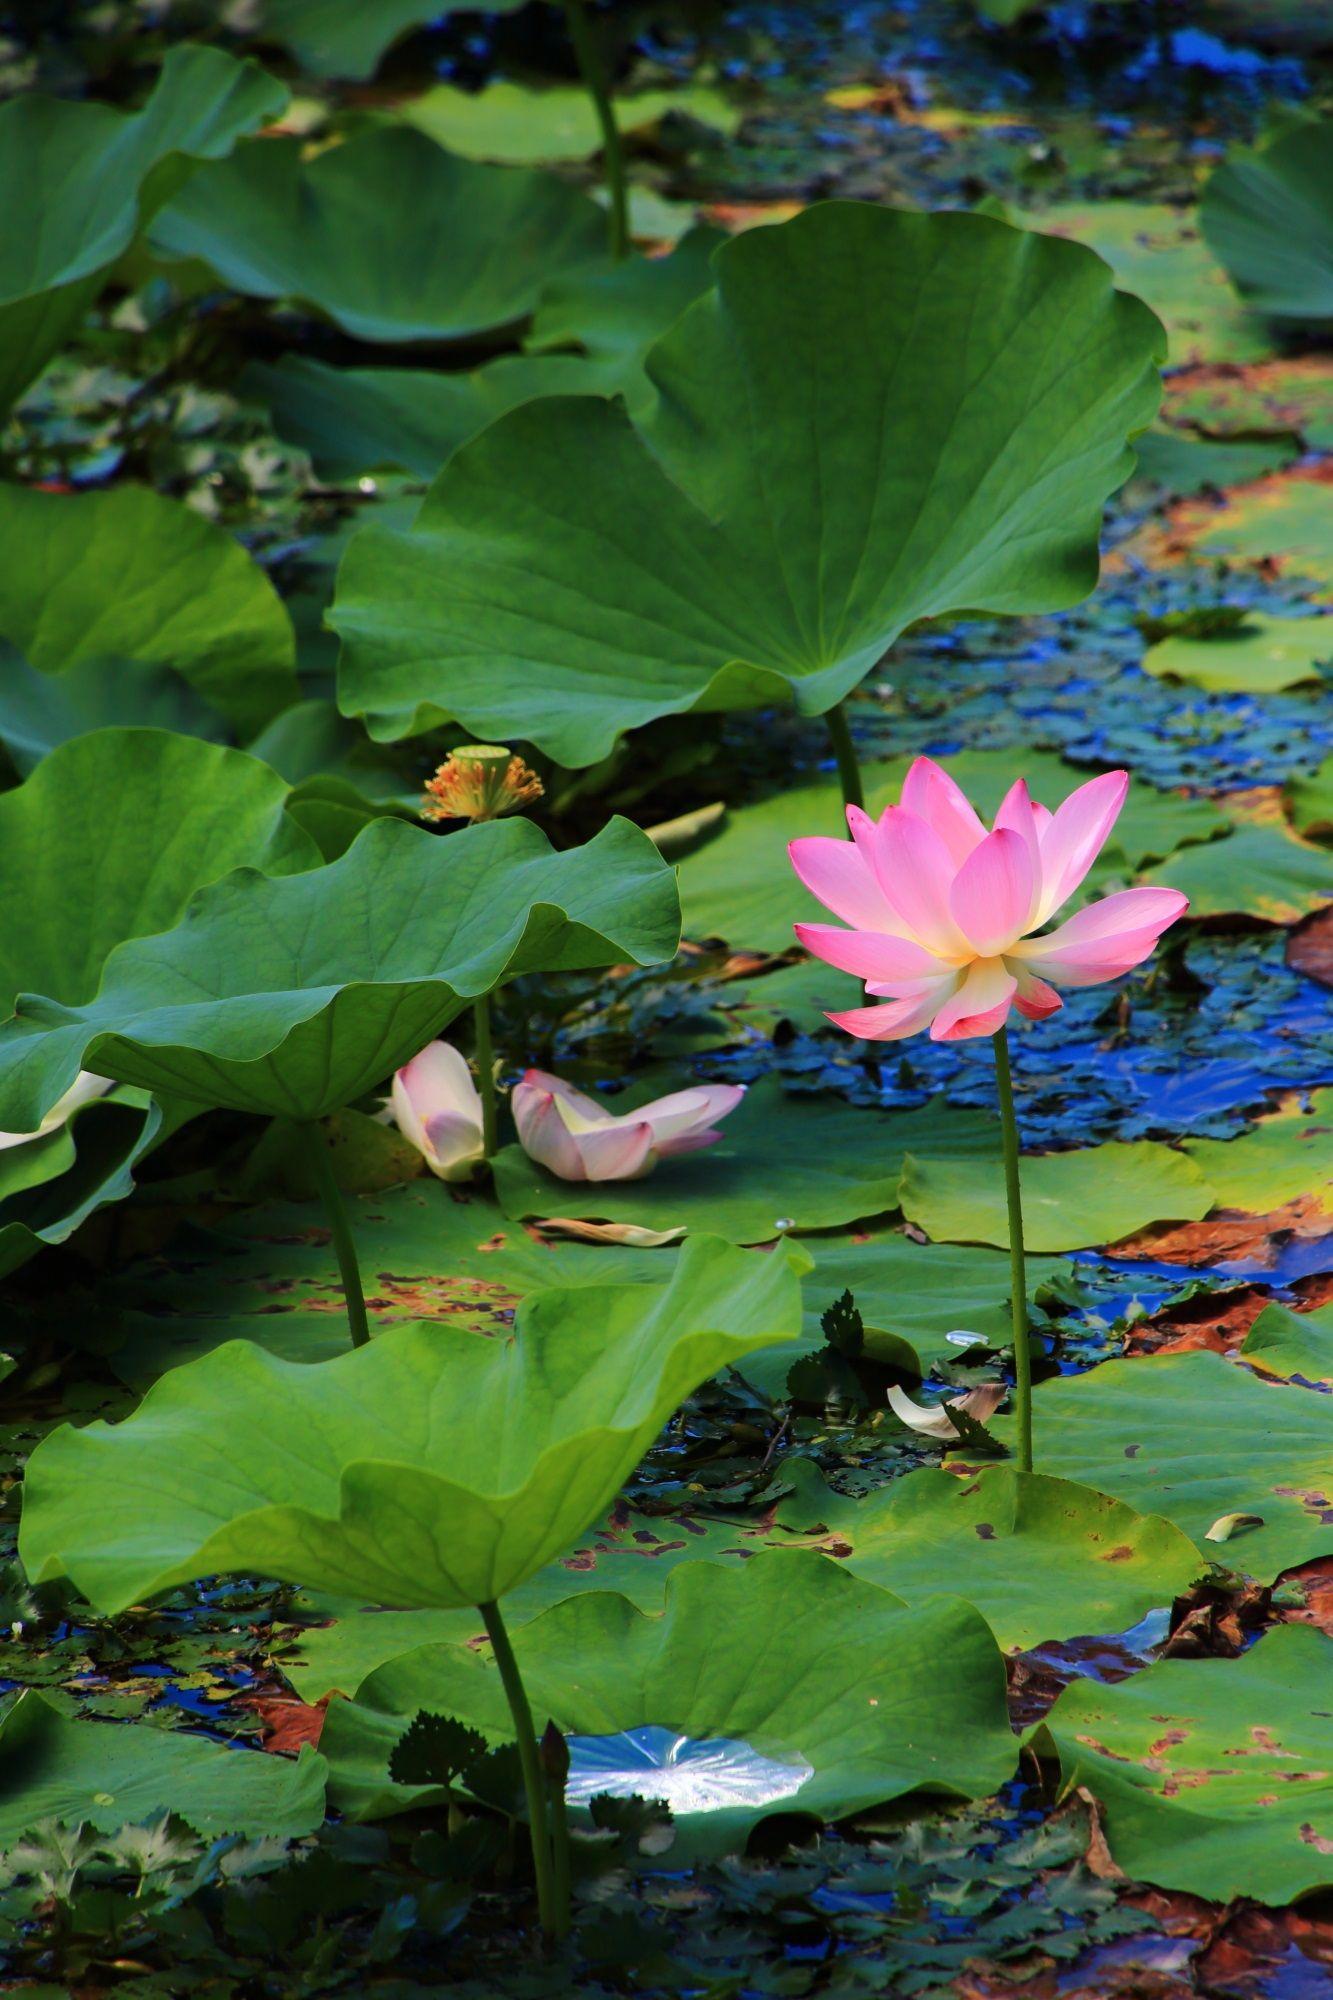 京都大覚寺の大沢池の見事な蓮 蓮の花 蓮の絵 花